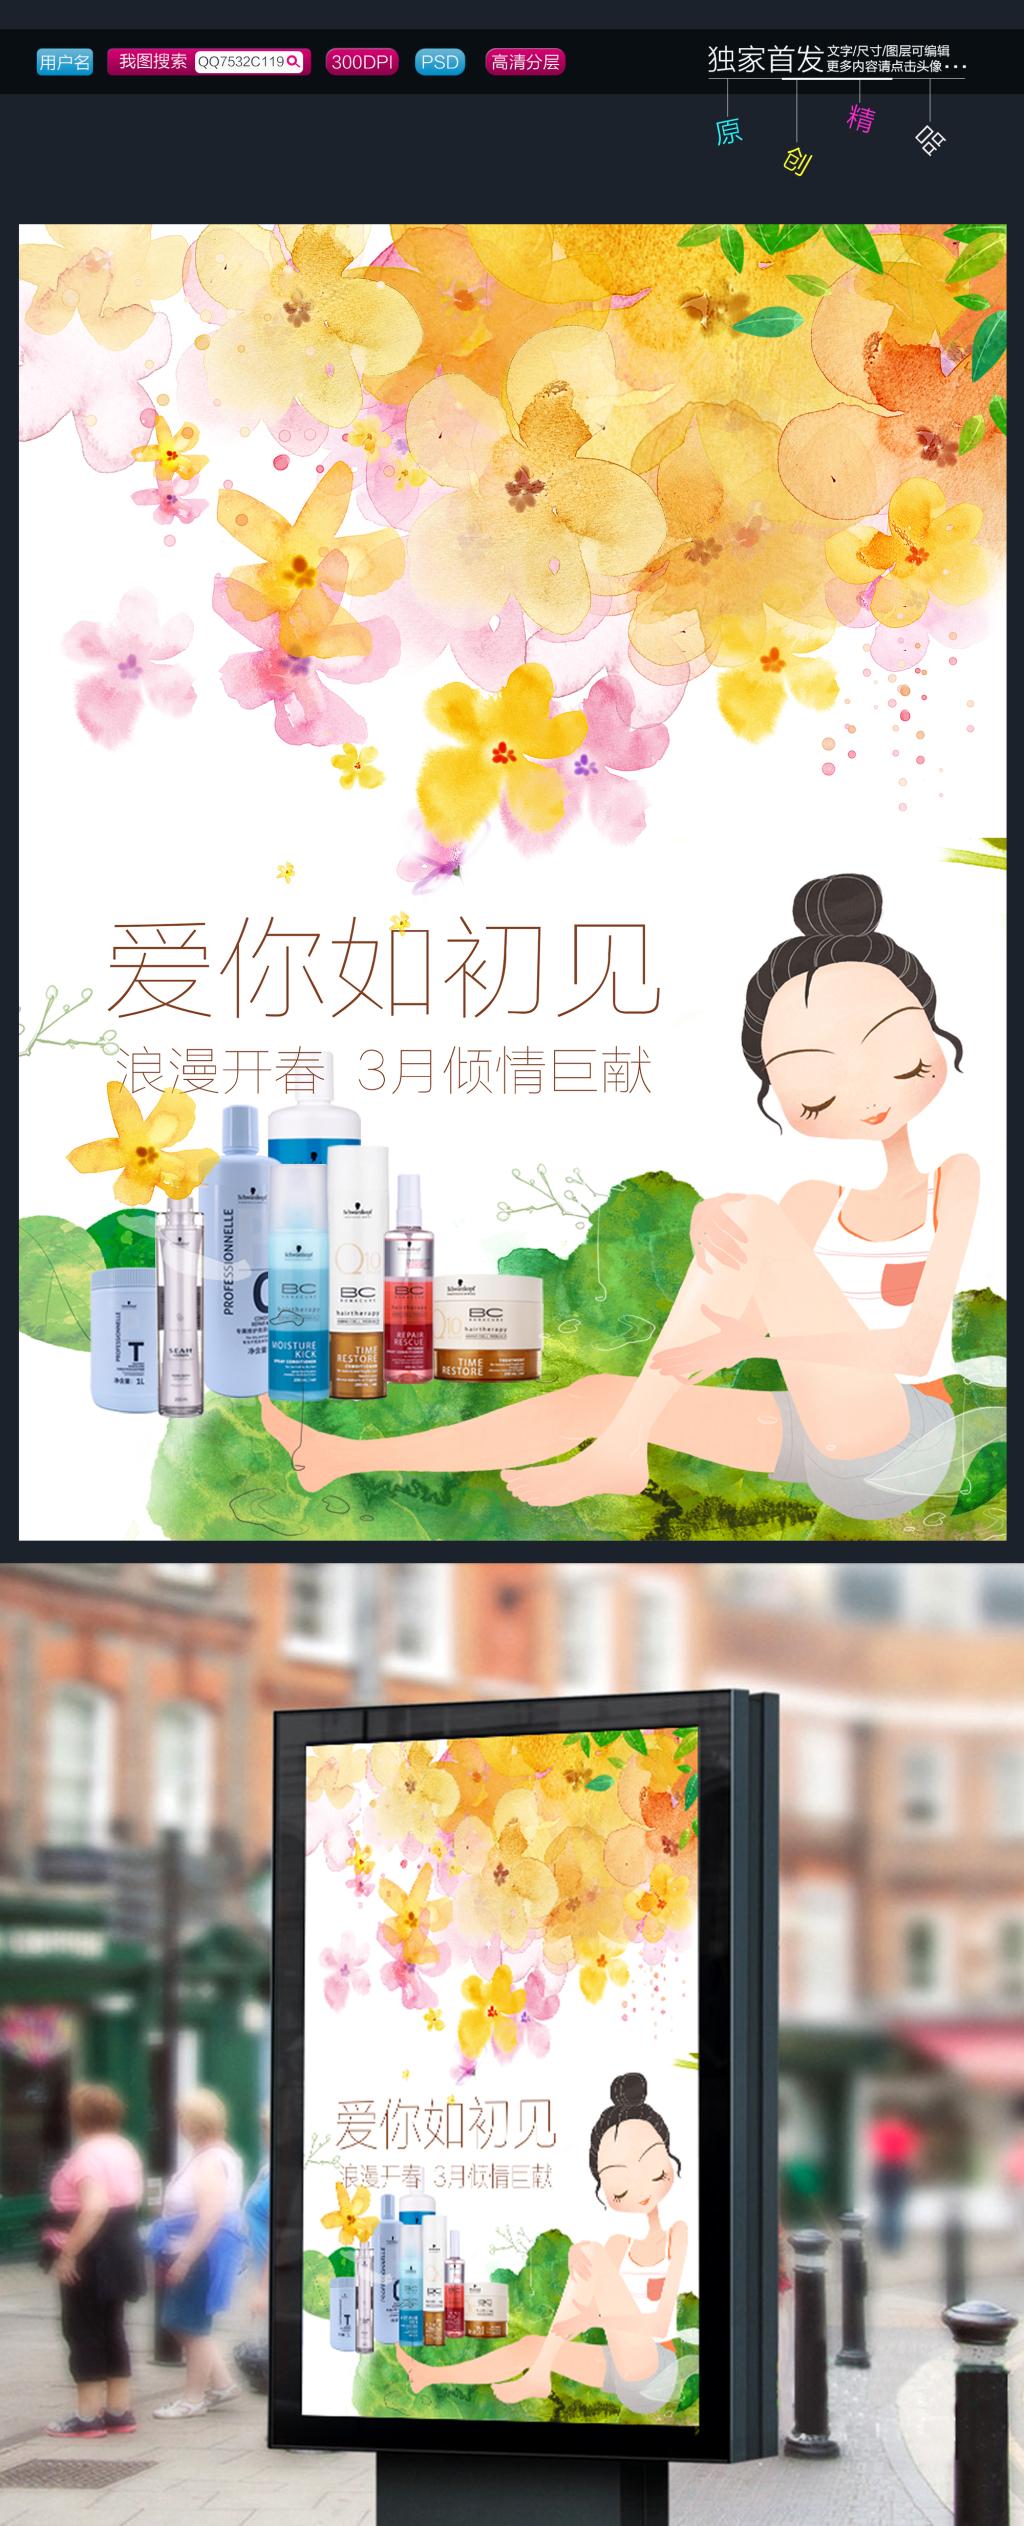 简约时尚手绘化妆品海报设计